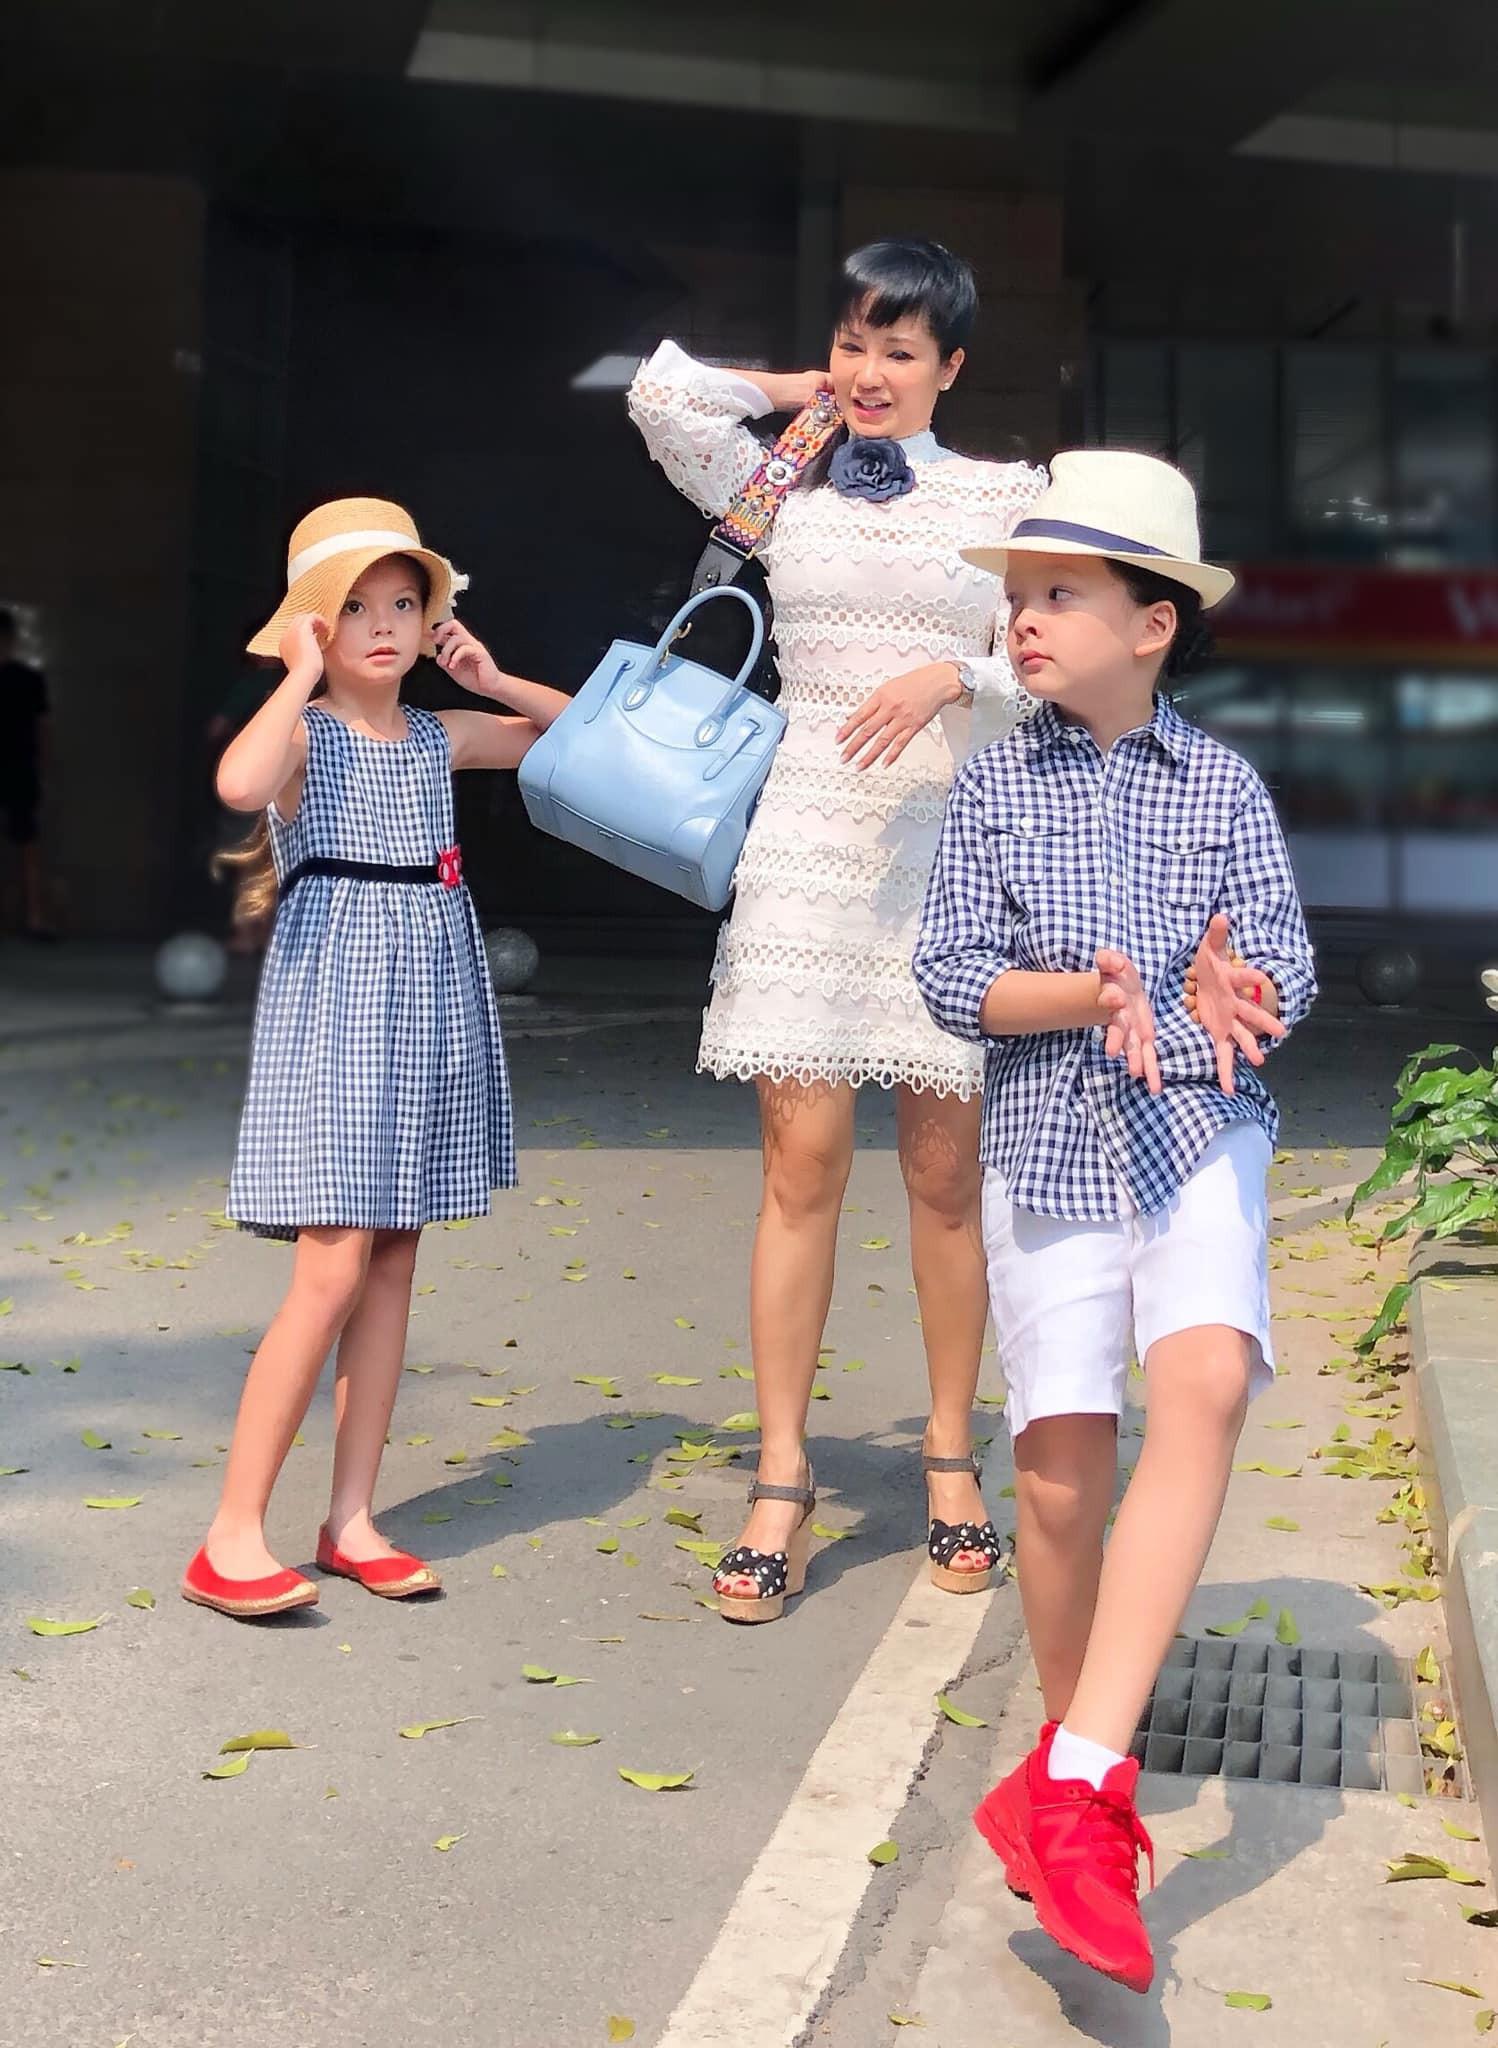 VZN News: Nhan sắc và sự nổi tiếng của 5 sao nữ có chiều cao hạn chế  - Ảnh 1.